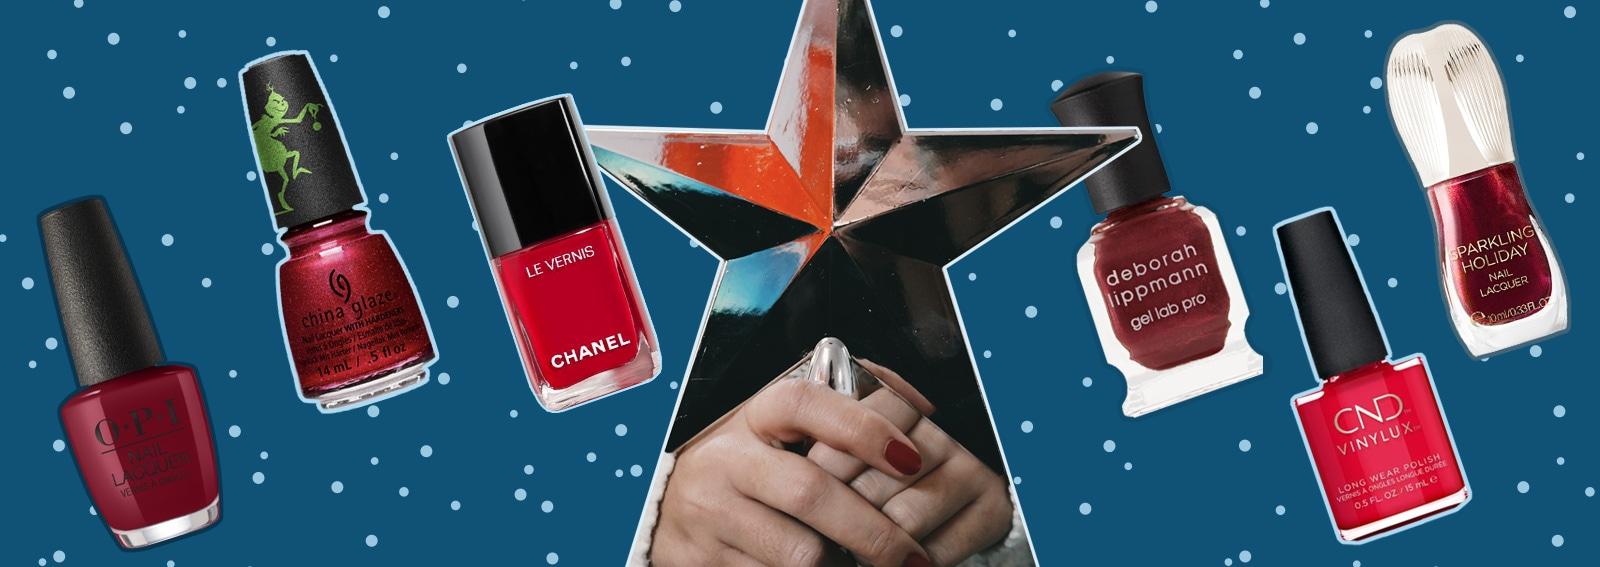 Smalti rossi di Natale: 7 nuance classiche per le vostre unghie delle Feste